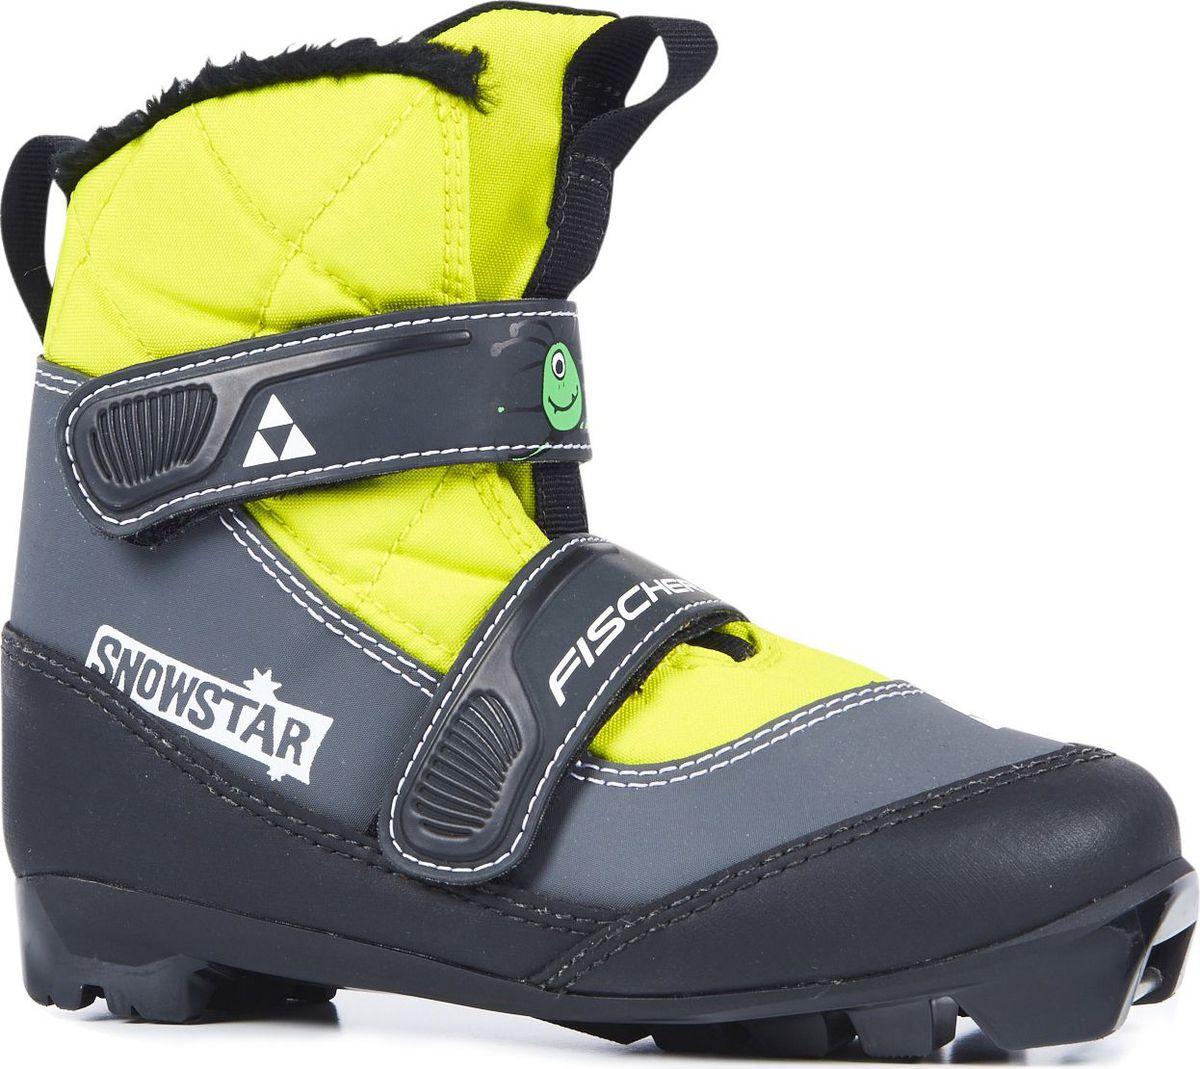 Ботинки лыжные для мальчика Fischer Snowstar, цвет: желтый. S41017. Размер 31S41017Лыжные ботинки Fischer Snowstar - модель для самых маленьких лыжников. Комфортная мягкая подошва, водоотталкивающий утеплитель Comfort Guard дополнительно защищает от холода и влаги, удобная застежка-липучка облегчает надевание. В ботинках удобно не только кататься, но и гулять, играть.Преимущества для потребителей:- Удобно надевать и снимать.- Очень теплые.- Подходят для катания и игр на снегу.